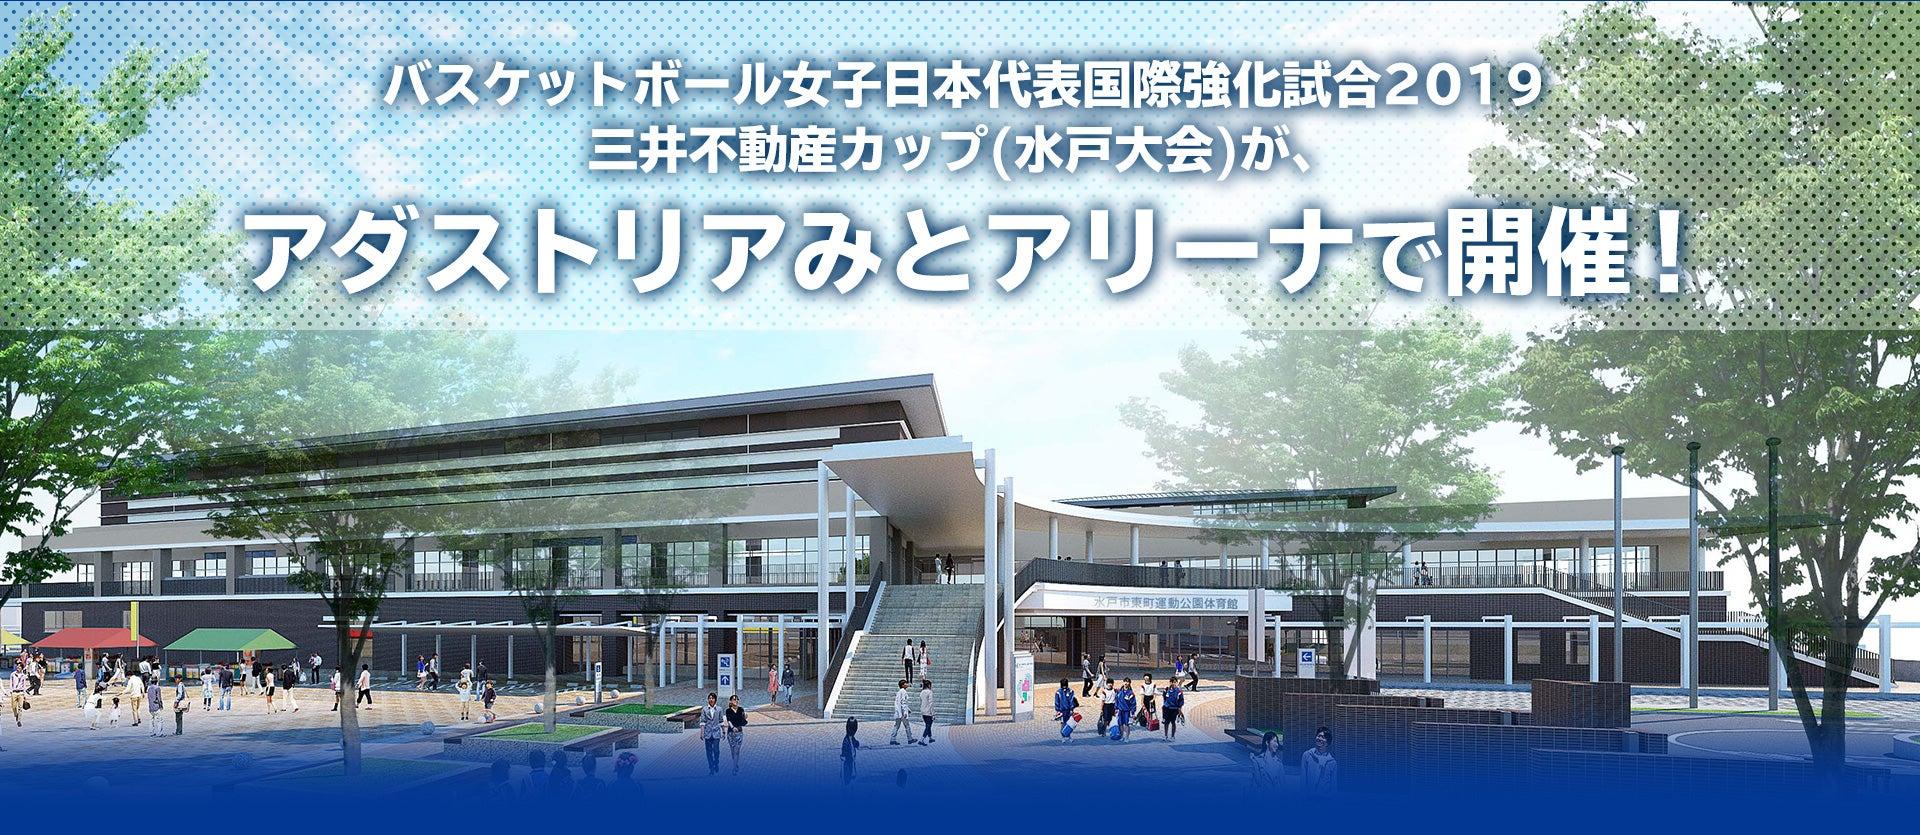 バスケットボール女子日本代表国際強化試合2019三井不動産カップ(水戸大会)が、アダストリアみとアリーナで開催!